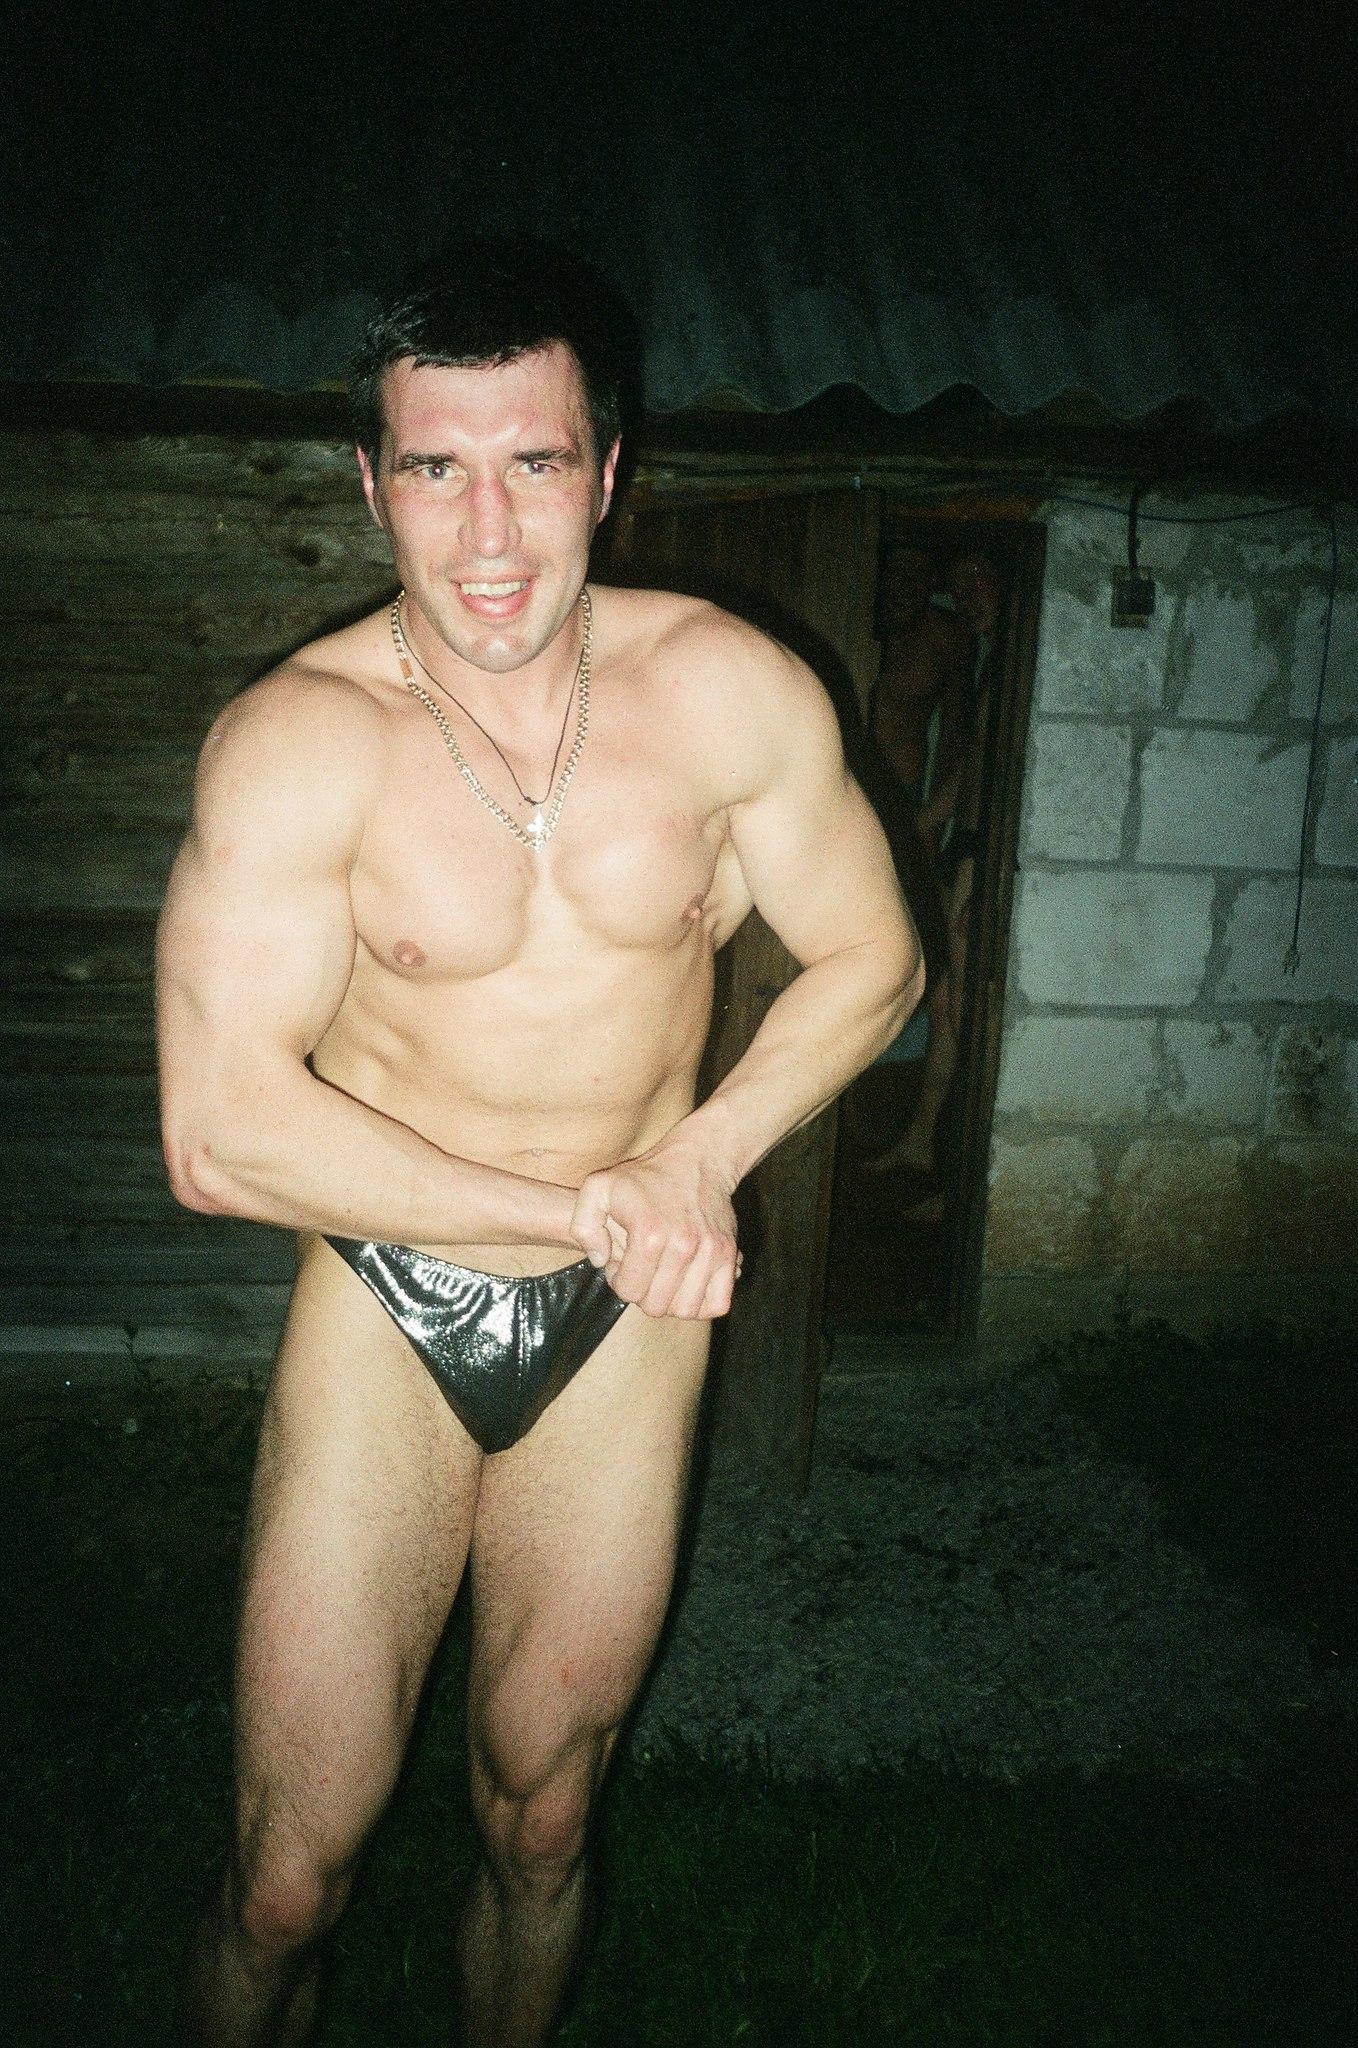 Фото мужчин 30-40 лет (22 фото) - Viktor, 42 года, Даугавпилс